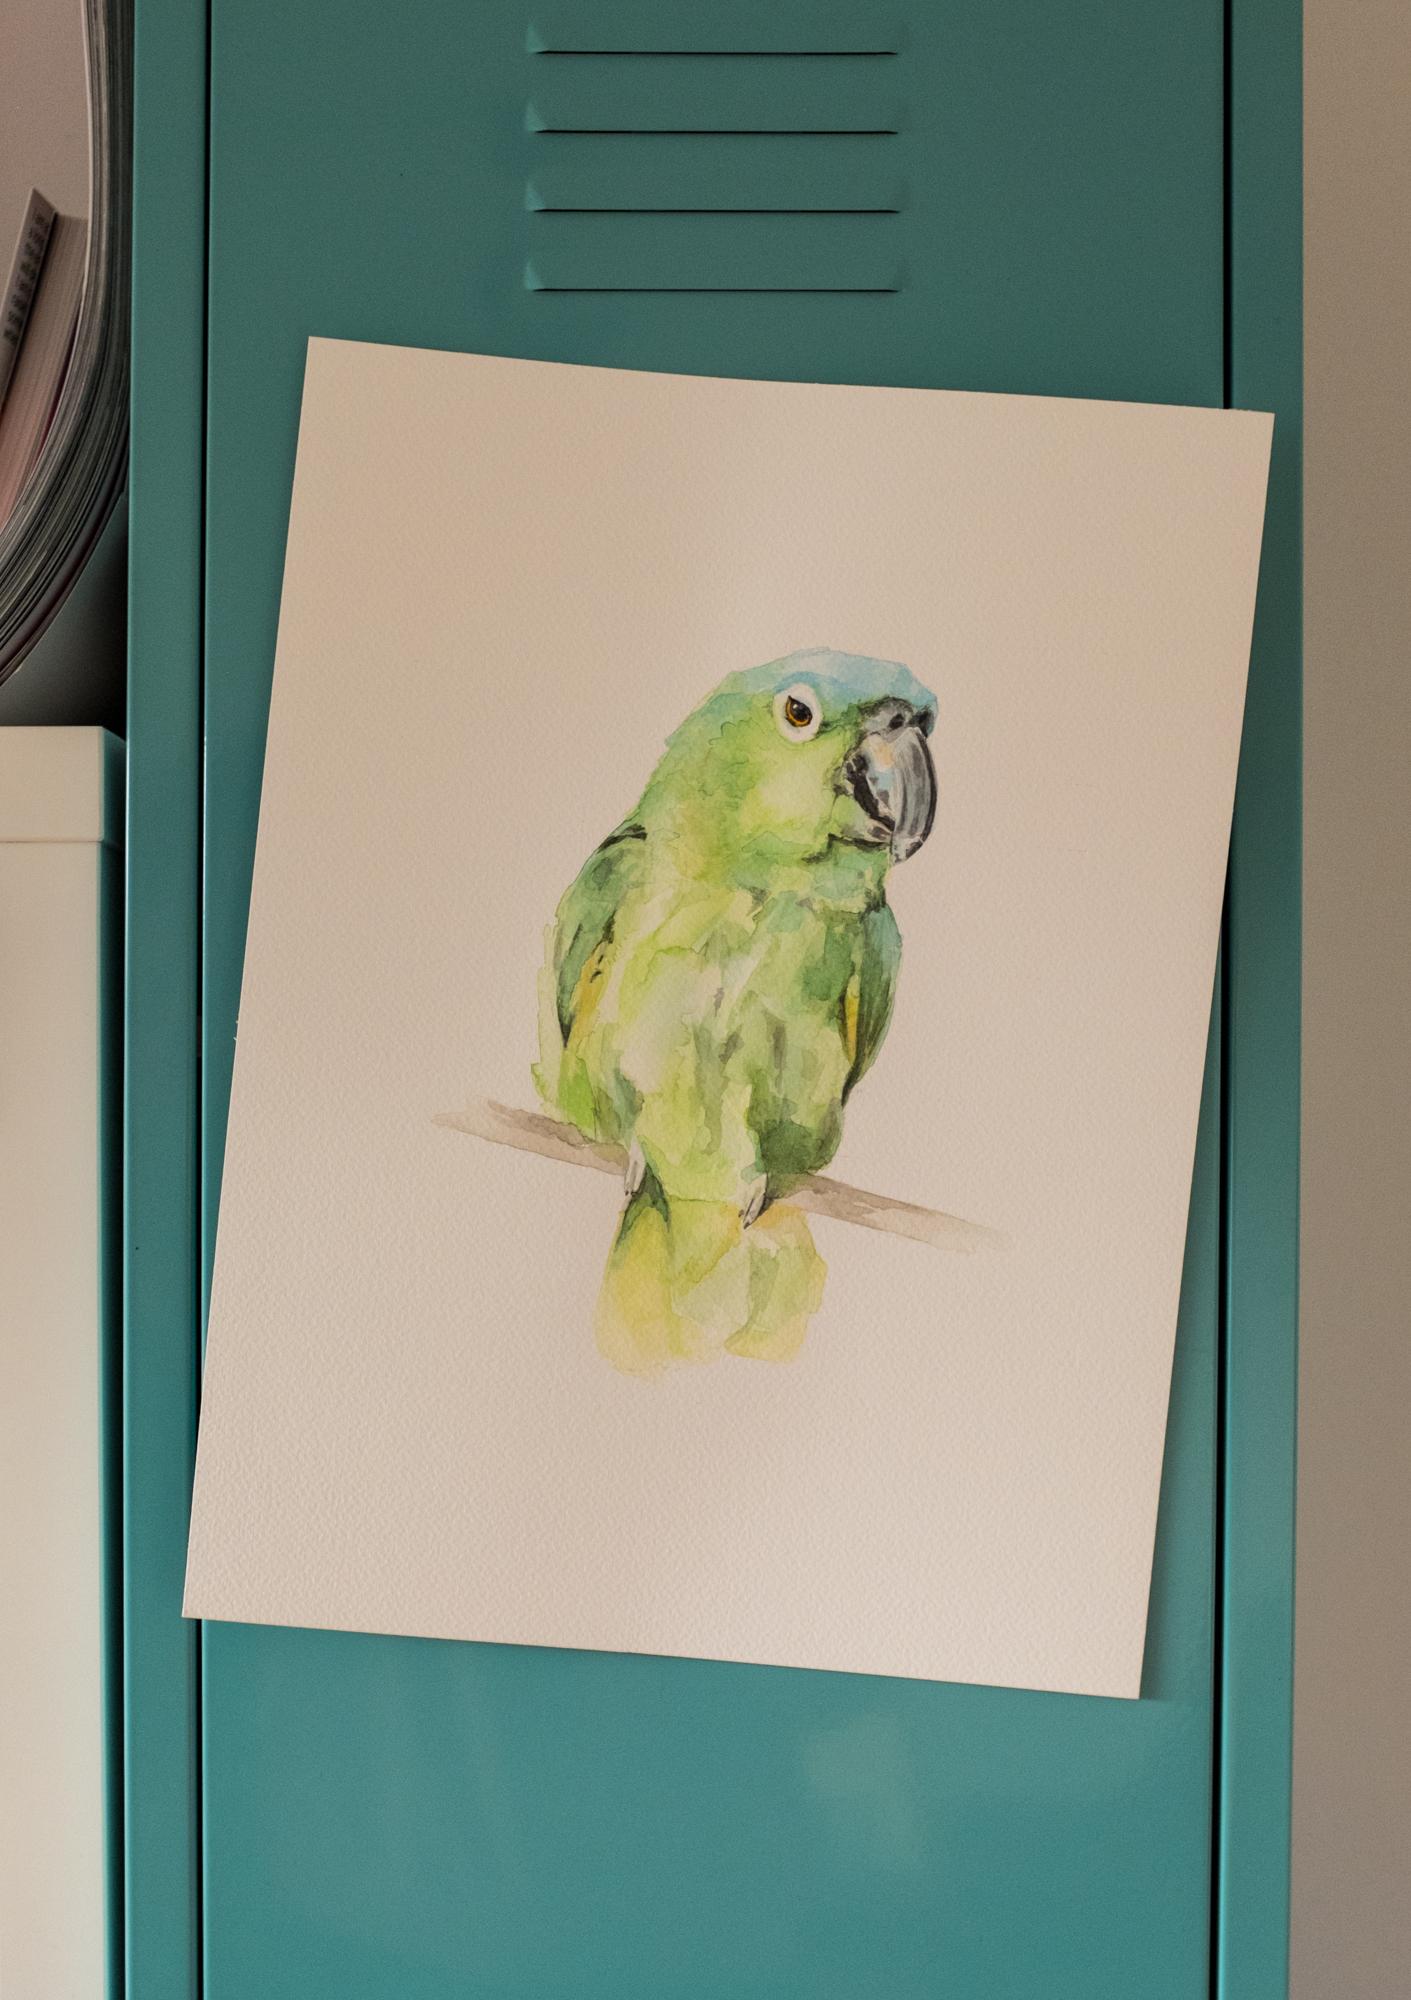 Das Aqurellporträt eines Papageien.